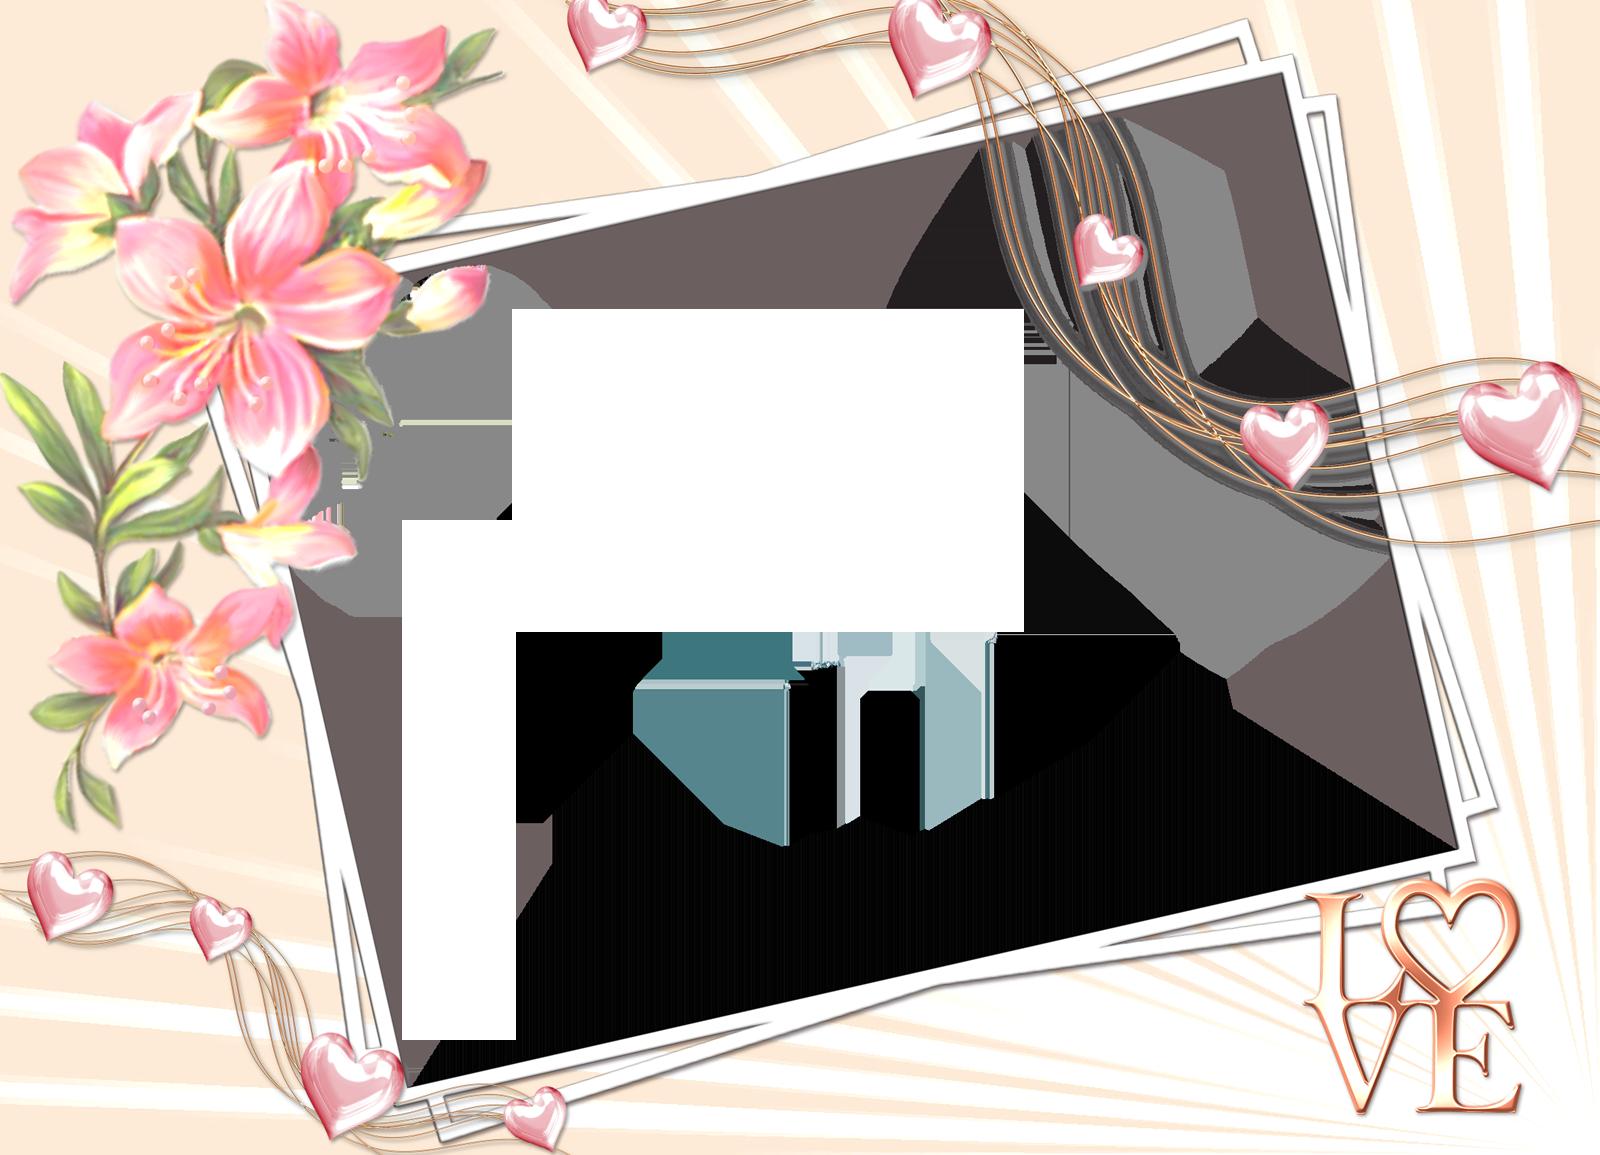 Скачать на компьютер рамки на фотографии бесплатно